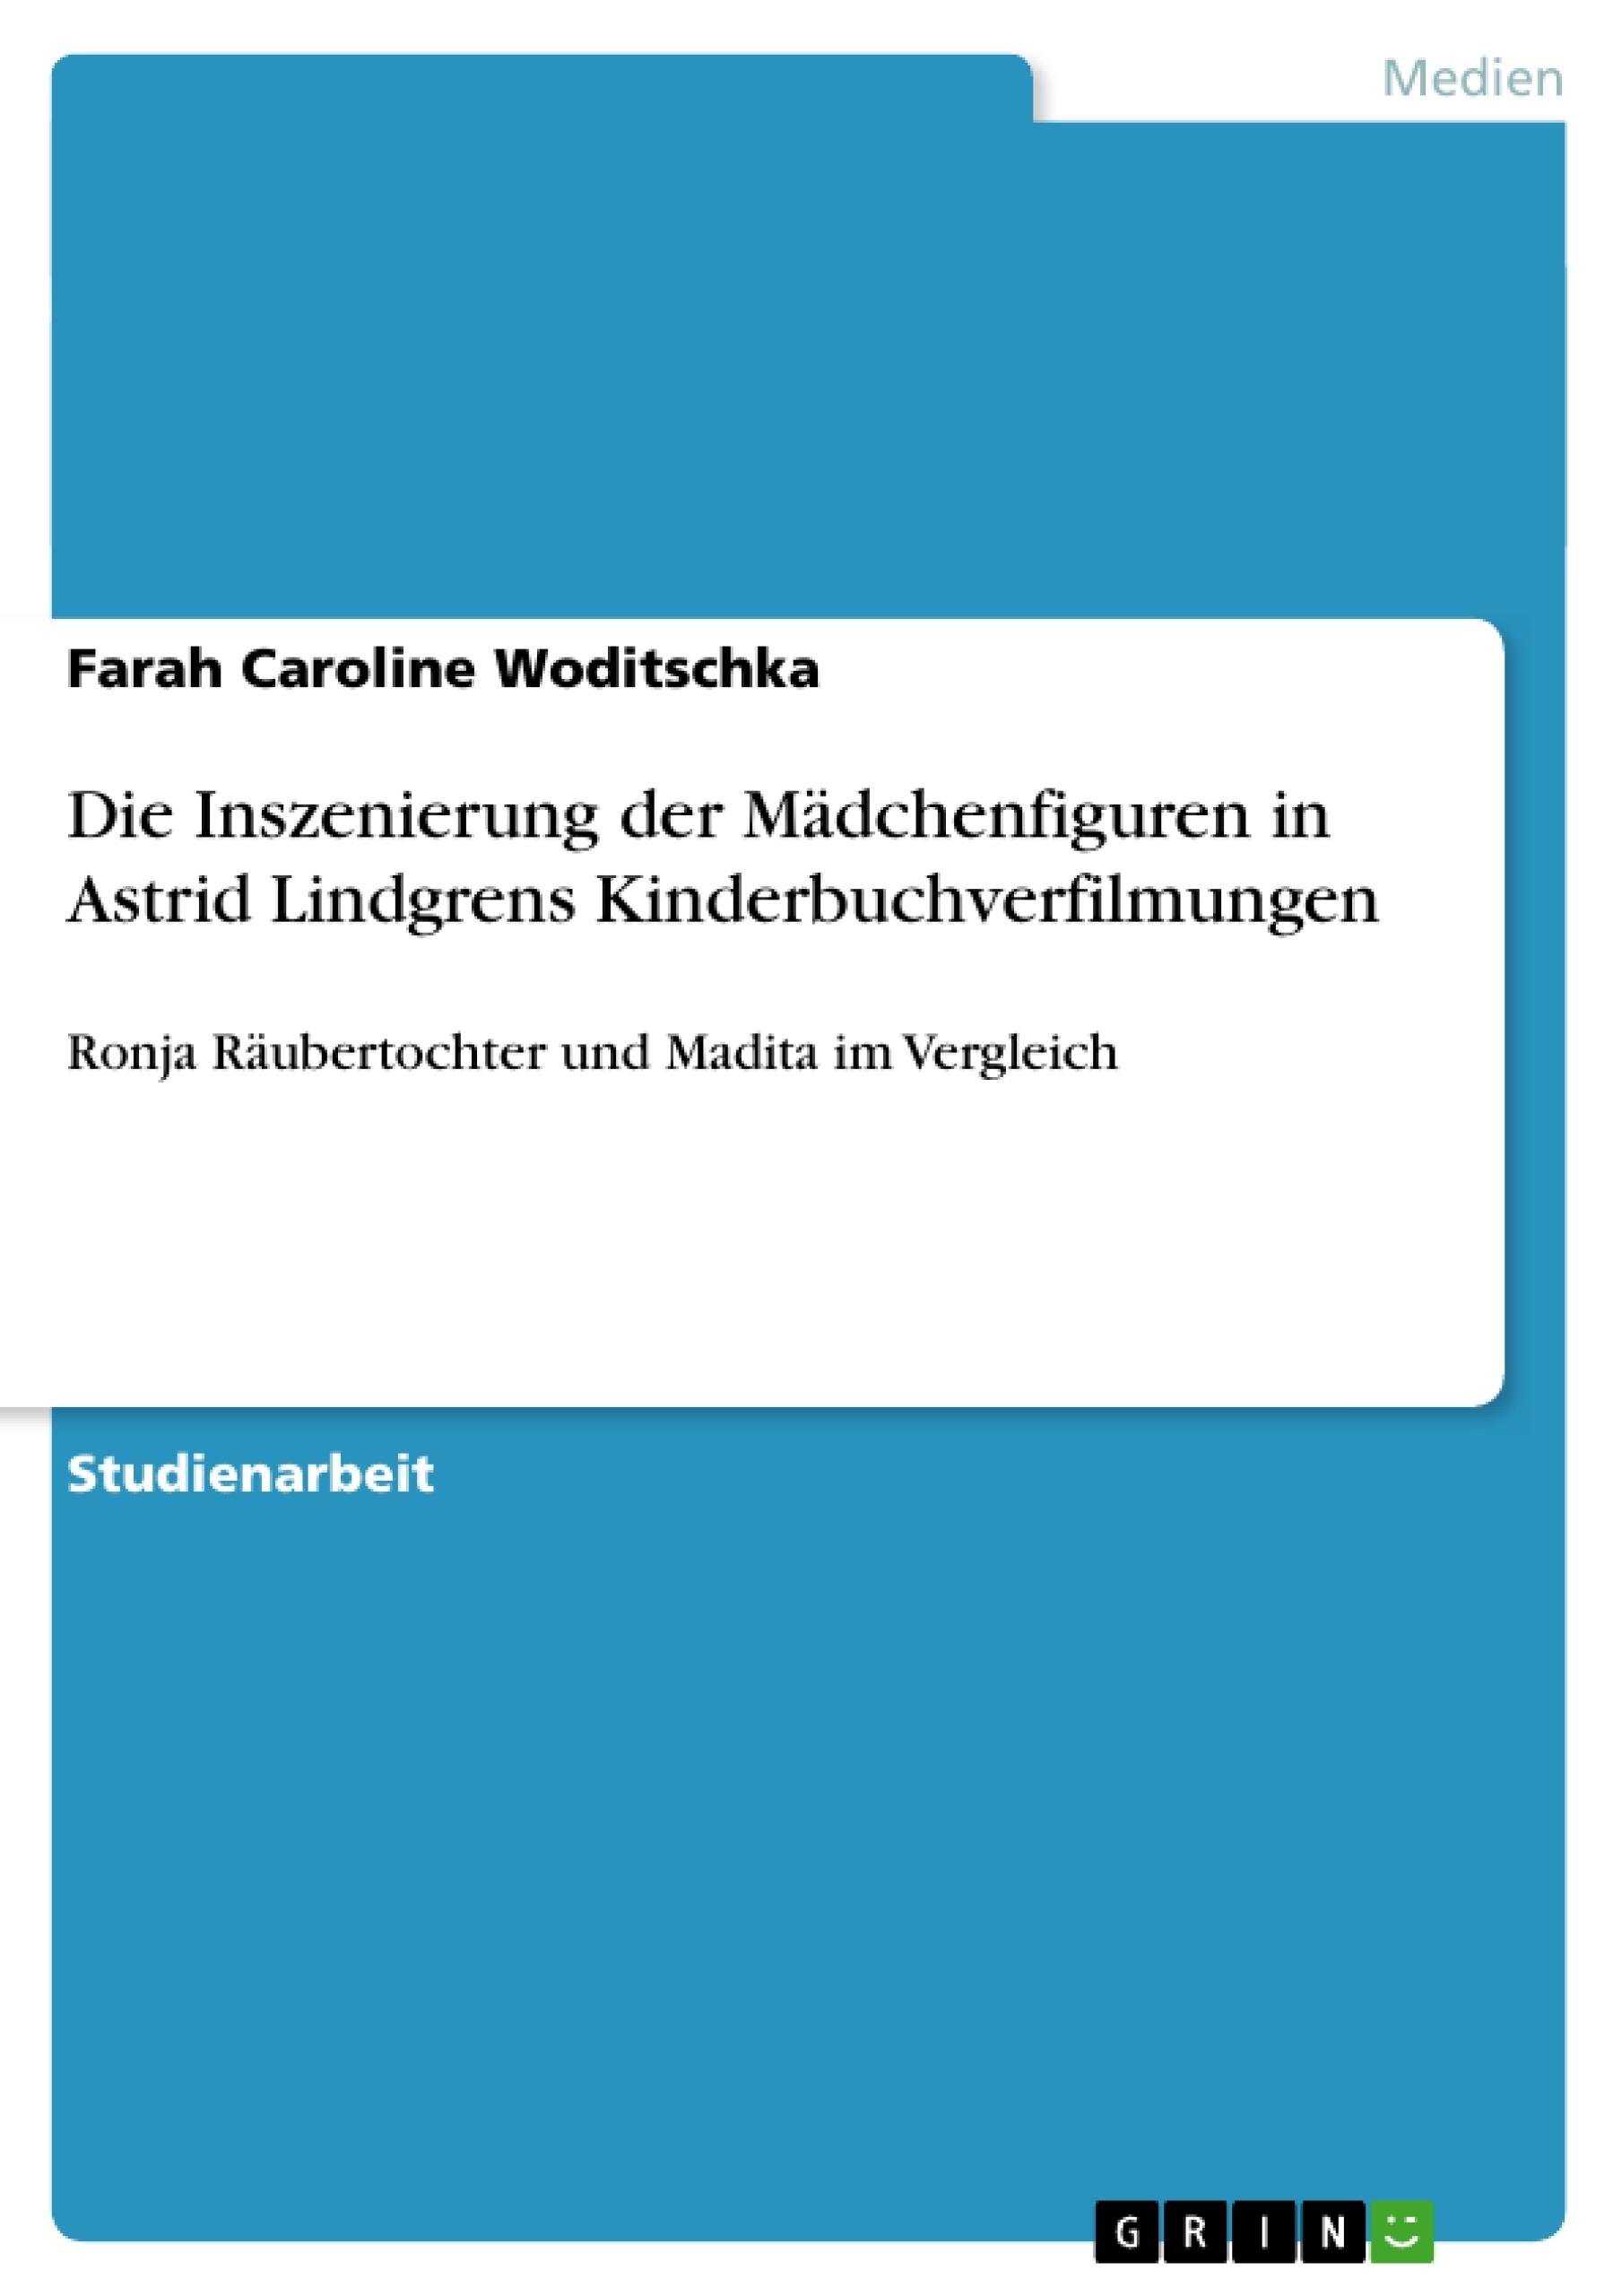 Titel: Die Inszenierung der Mädchenfiguren in Astrid Lindgrens Kinderbuchverfilmungen